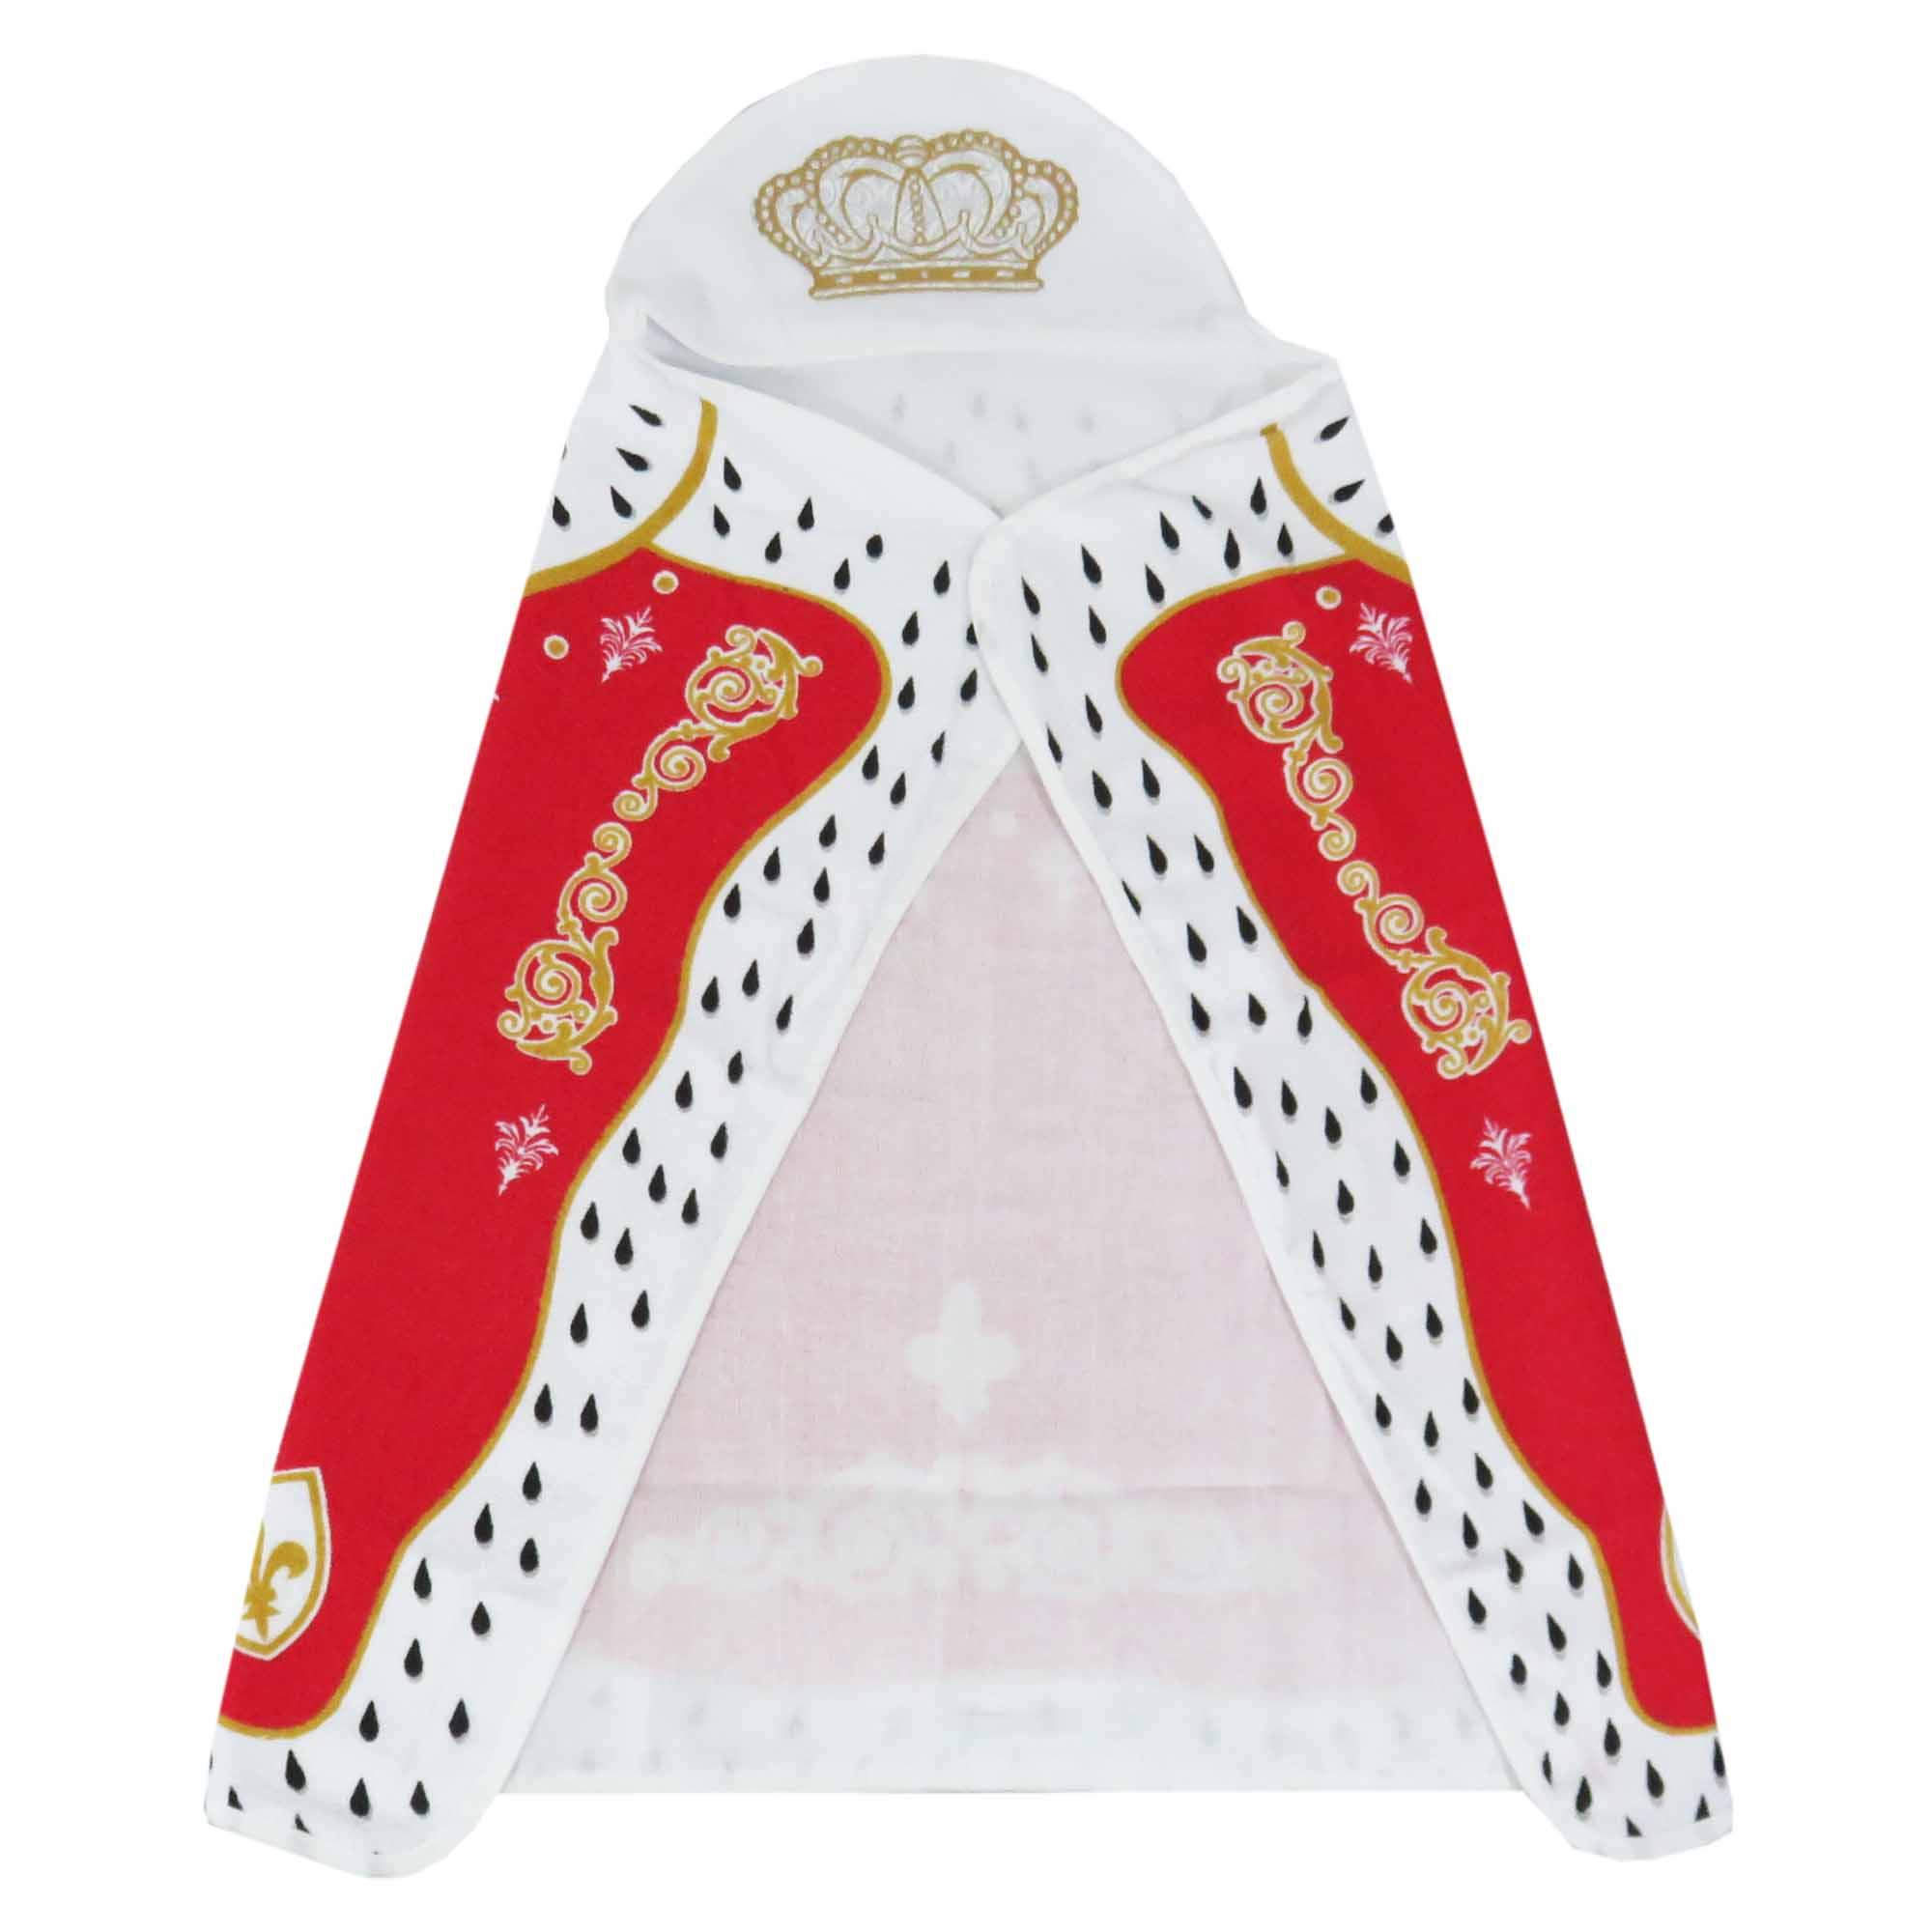 Toalha  de Banho Capa Príncipe e Princesa - Minasrey - Reininho